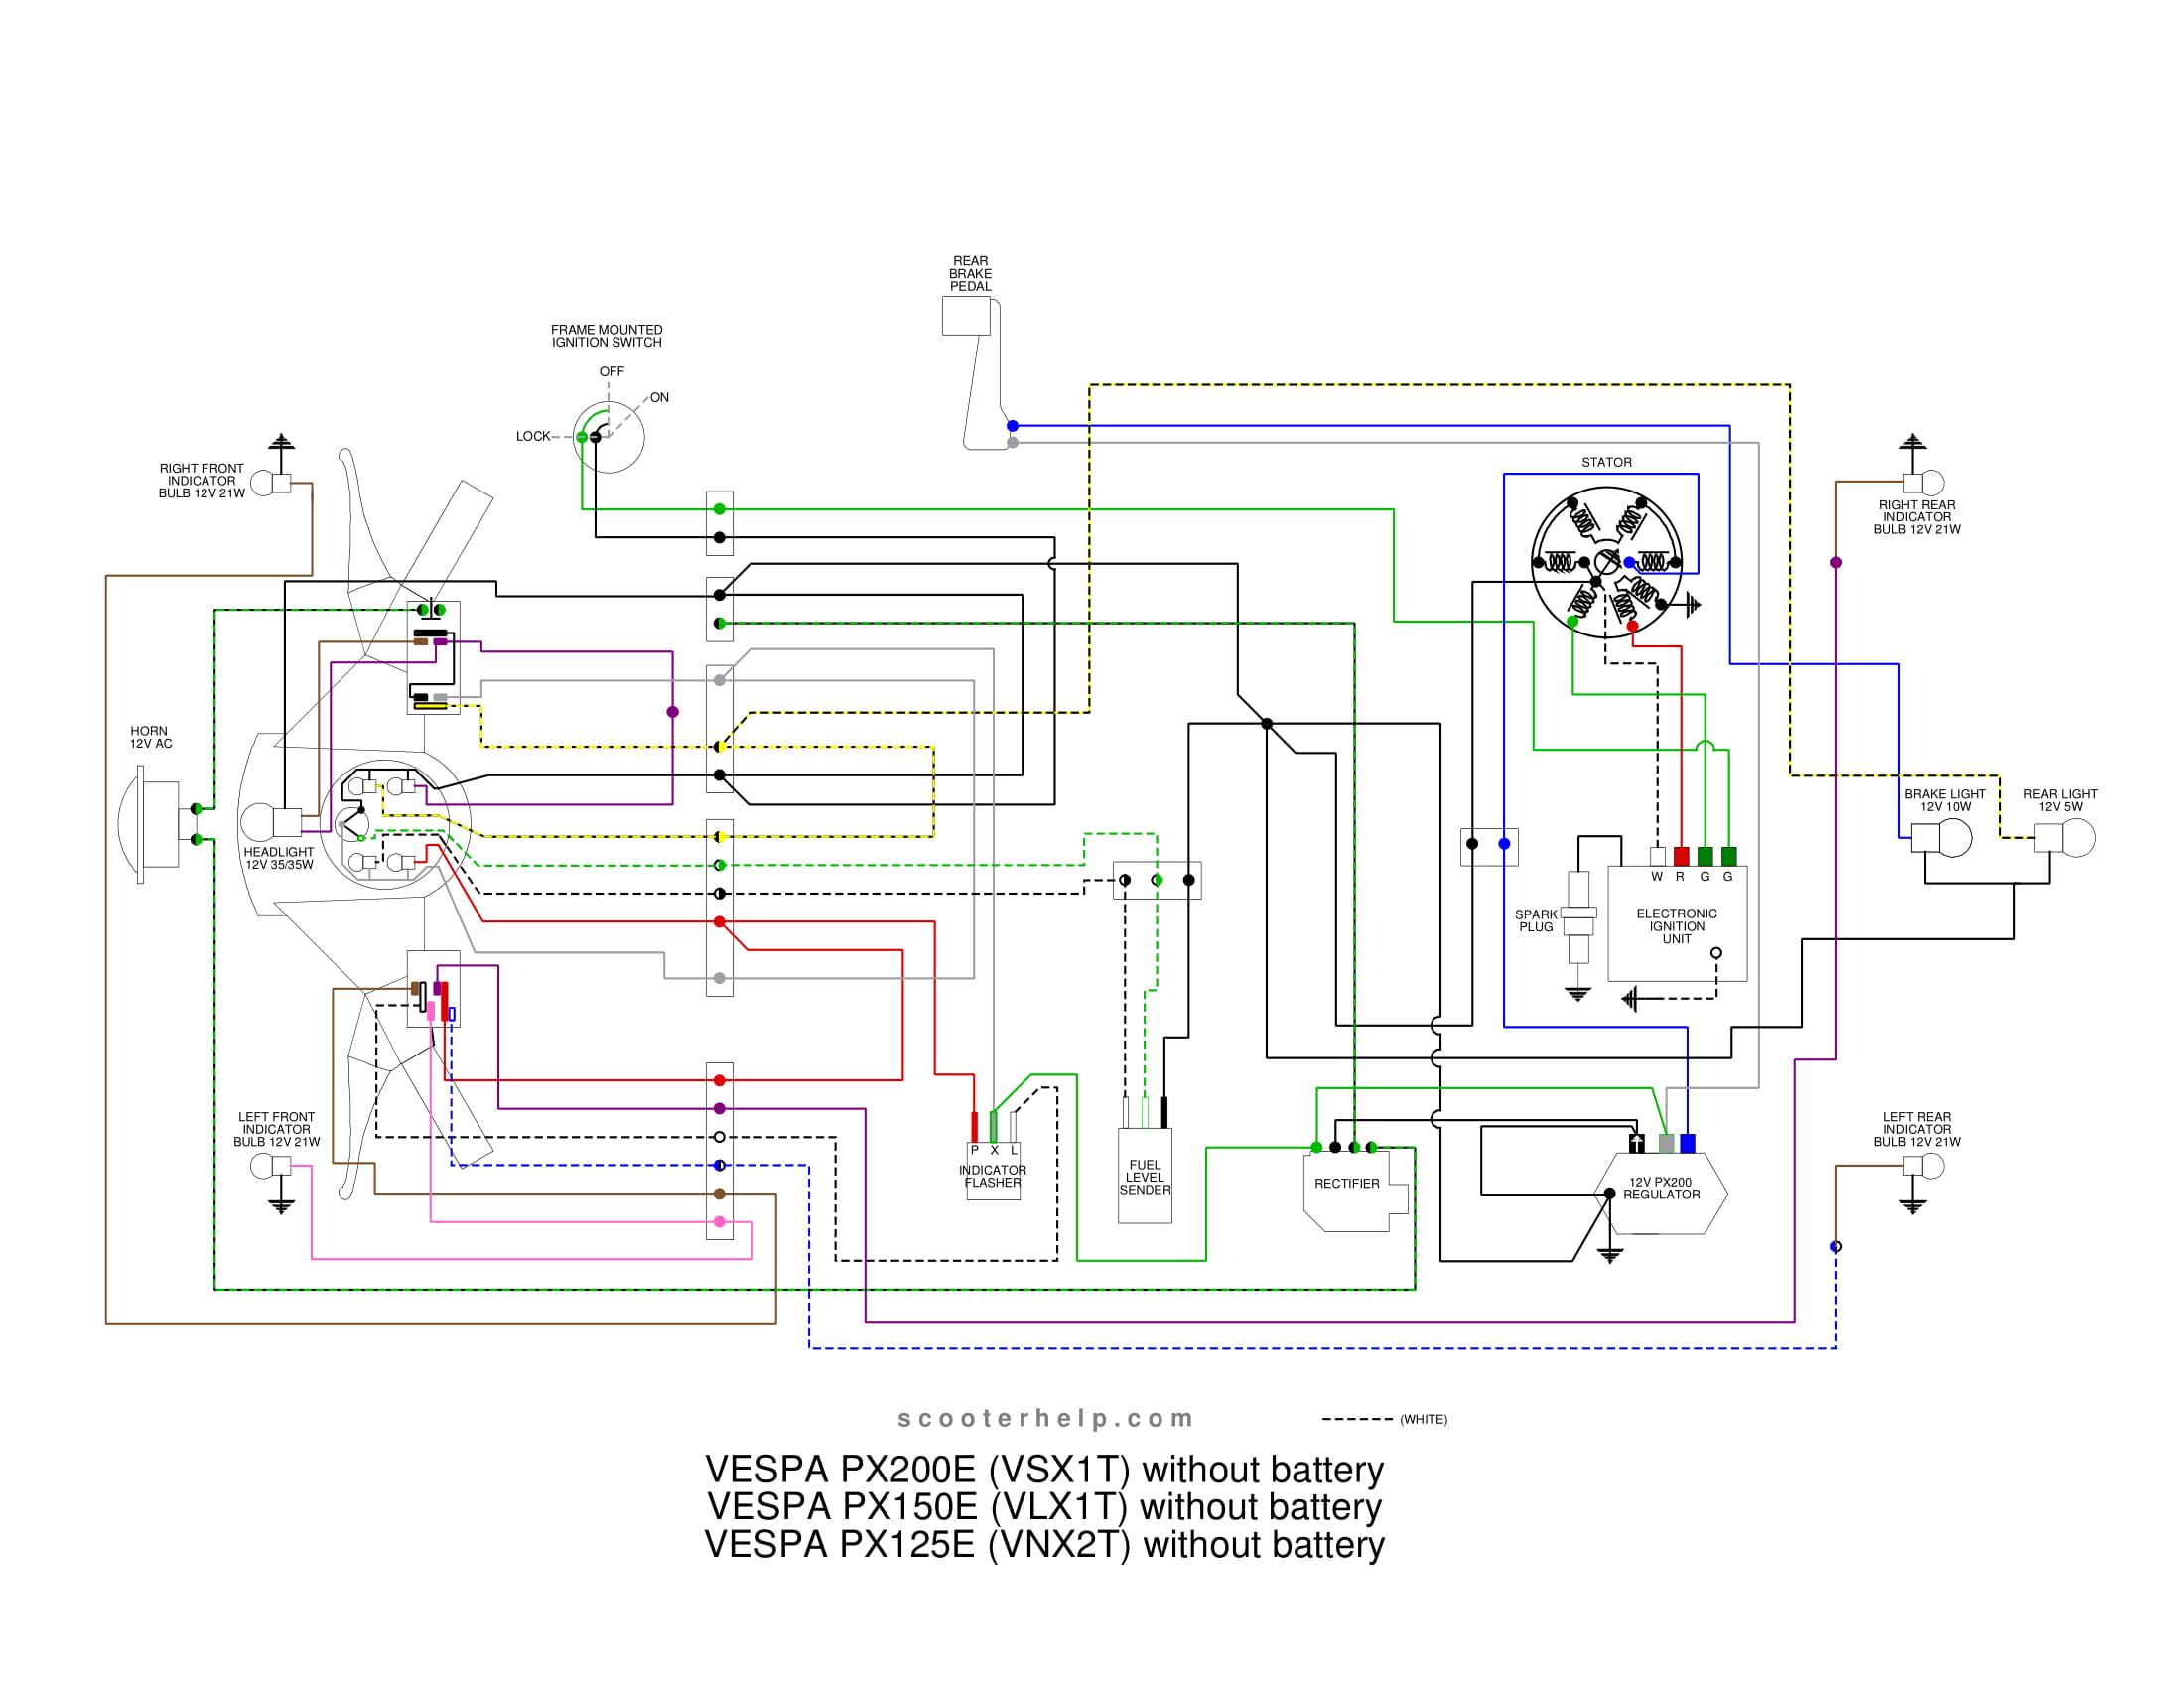 Diagram Wiring Diagram Yamaha At1 125 Enduro Motorcycle 61466 Wiring Diagram Full Version Hd Quality Wiring Diagram 7pintrailerwiringdiagramwithbrakes Cours Ordinateur Fr